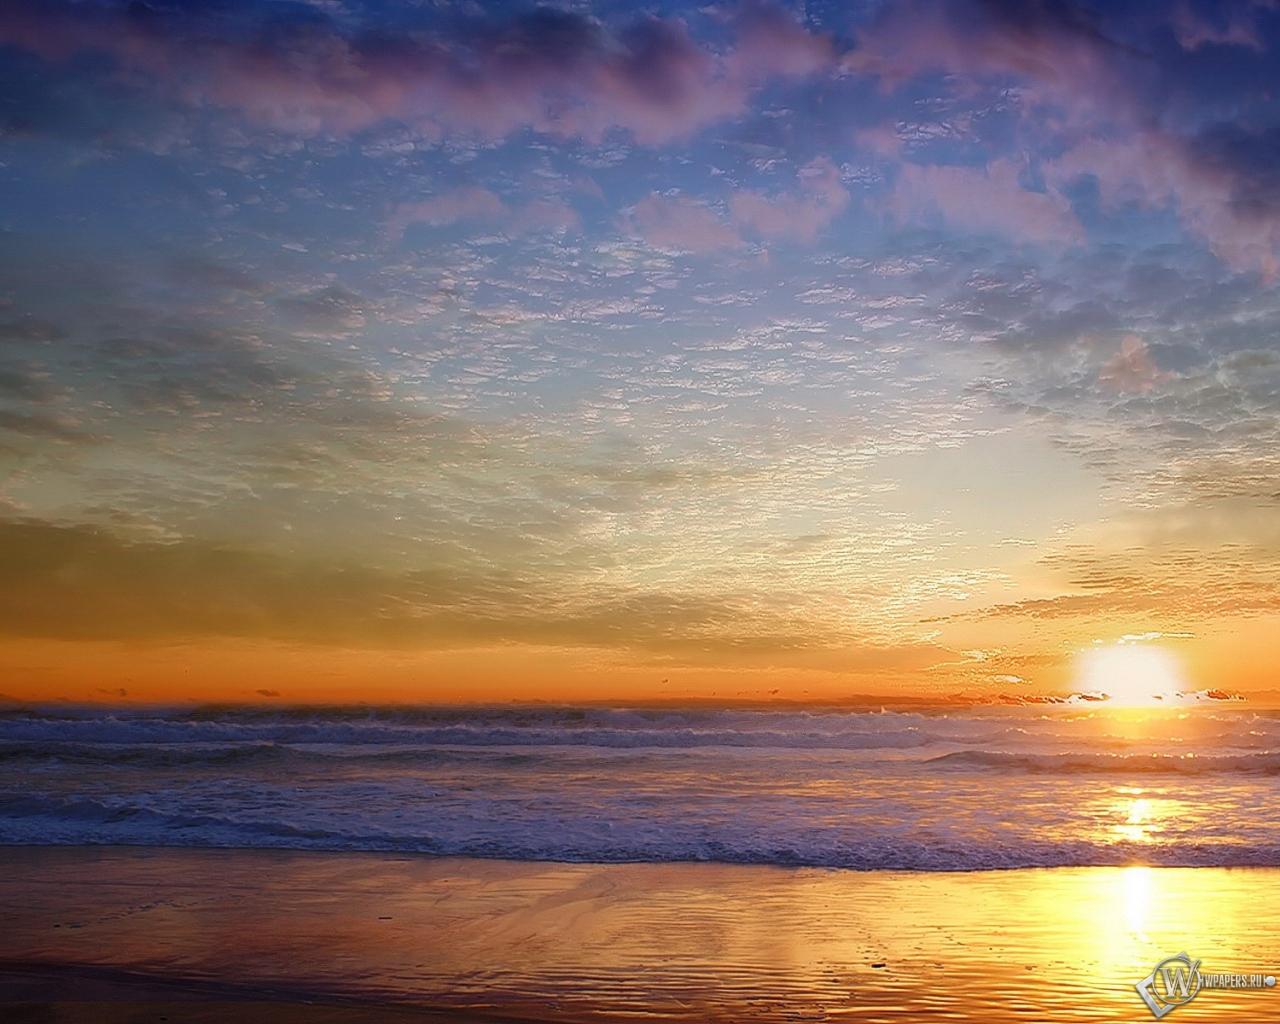 Морской пейзаж 1280x1024